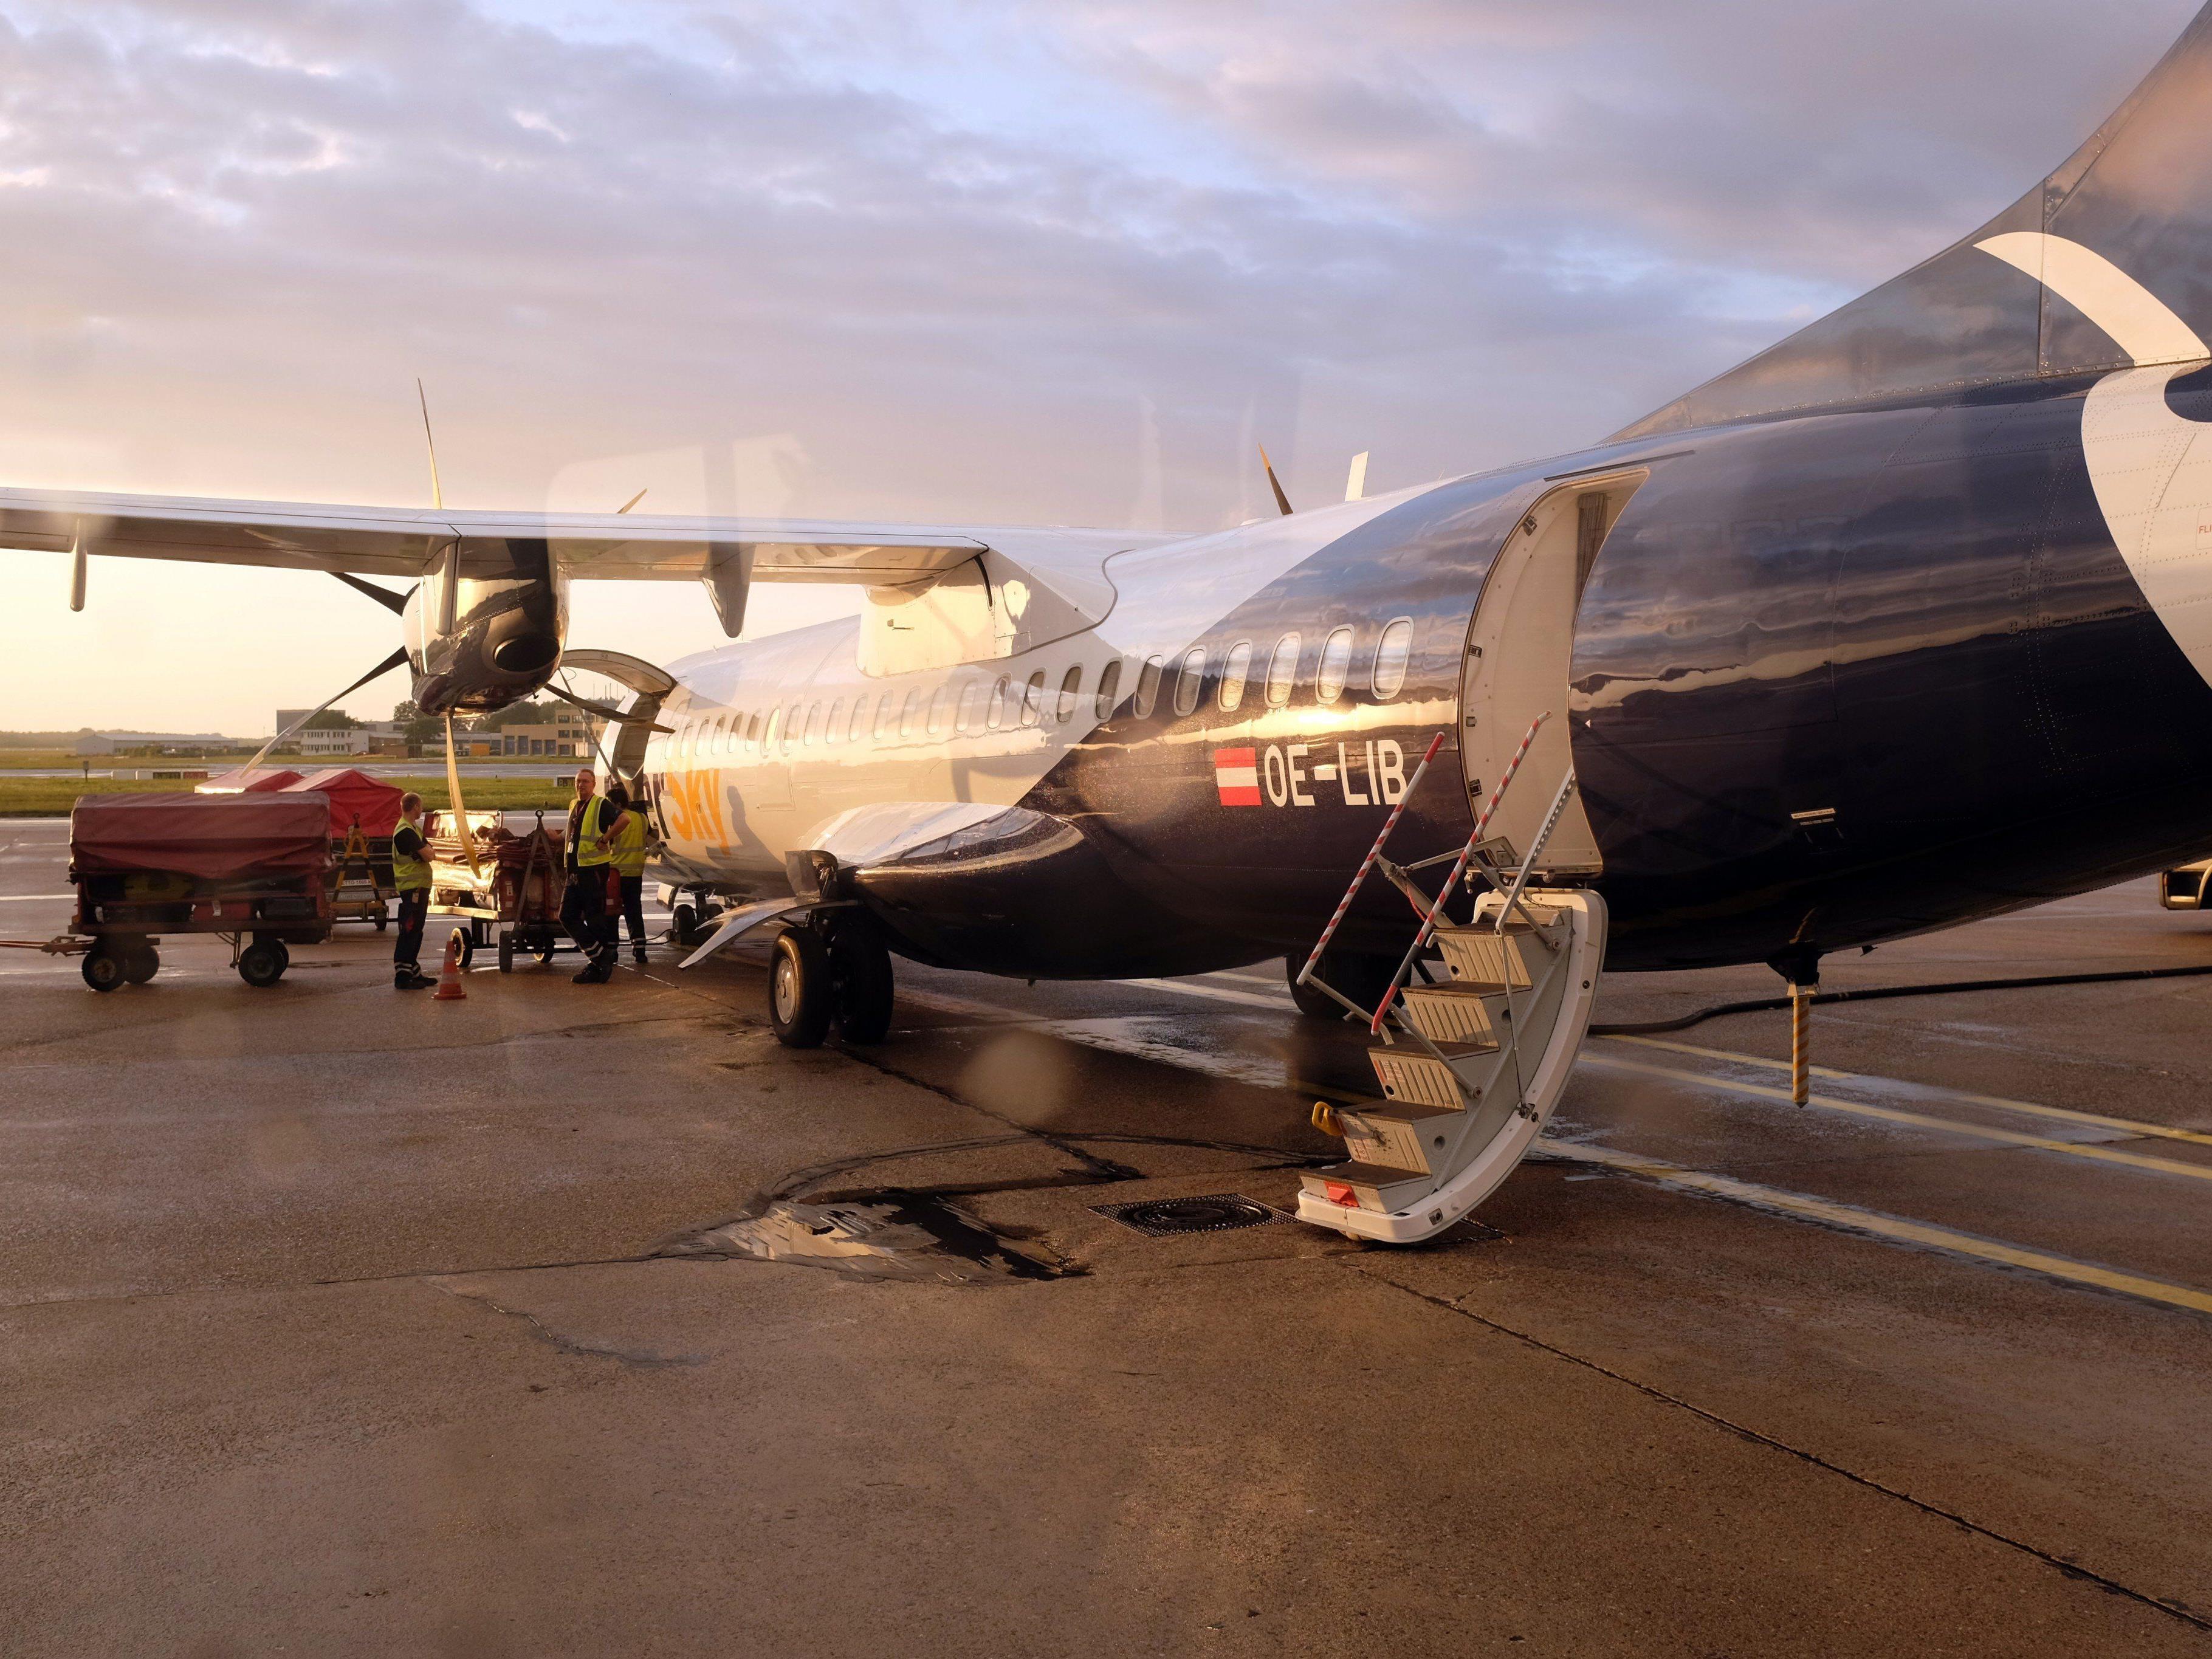 Nachdem sich Germanwings per Ende Februar aus Memmingen zurückgezogen hatte, kündigte InterSky Flüge von und nach Memmingen und Köln/Bonn ab 5. Oktober an.